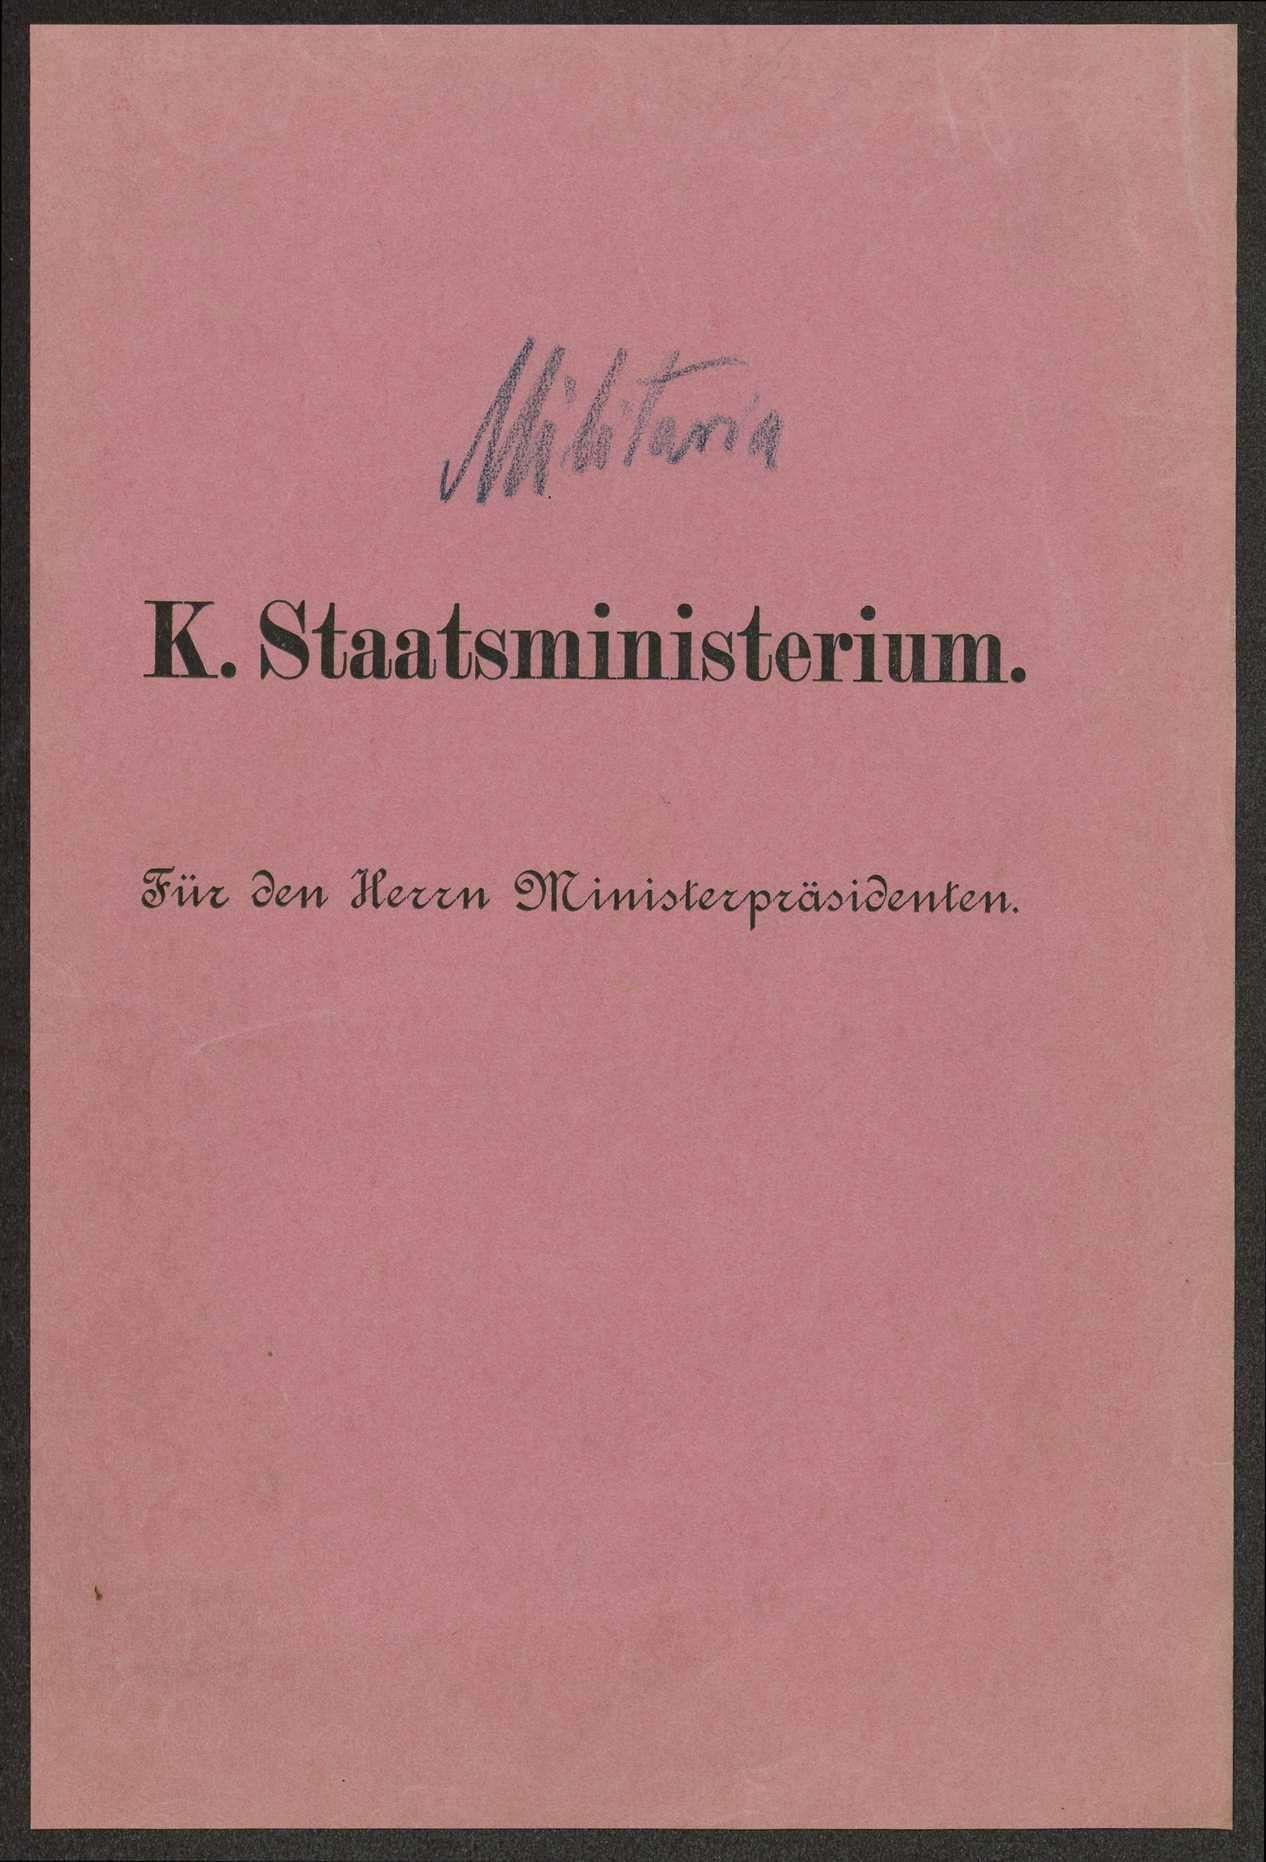 Der militärische und politische Zusammenbruch Deutschlands 1918. Berichte, Notizen, Zeitungsartikel, Bild 2